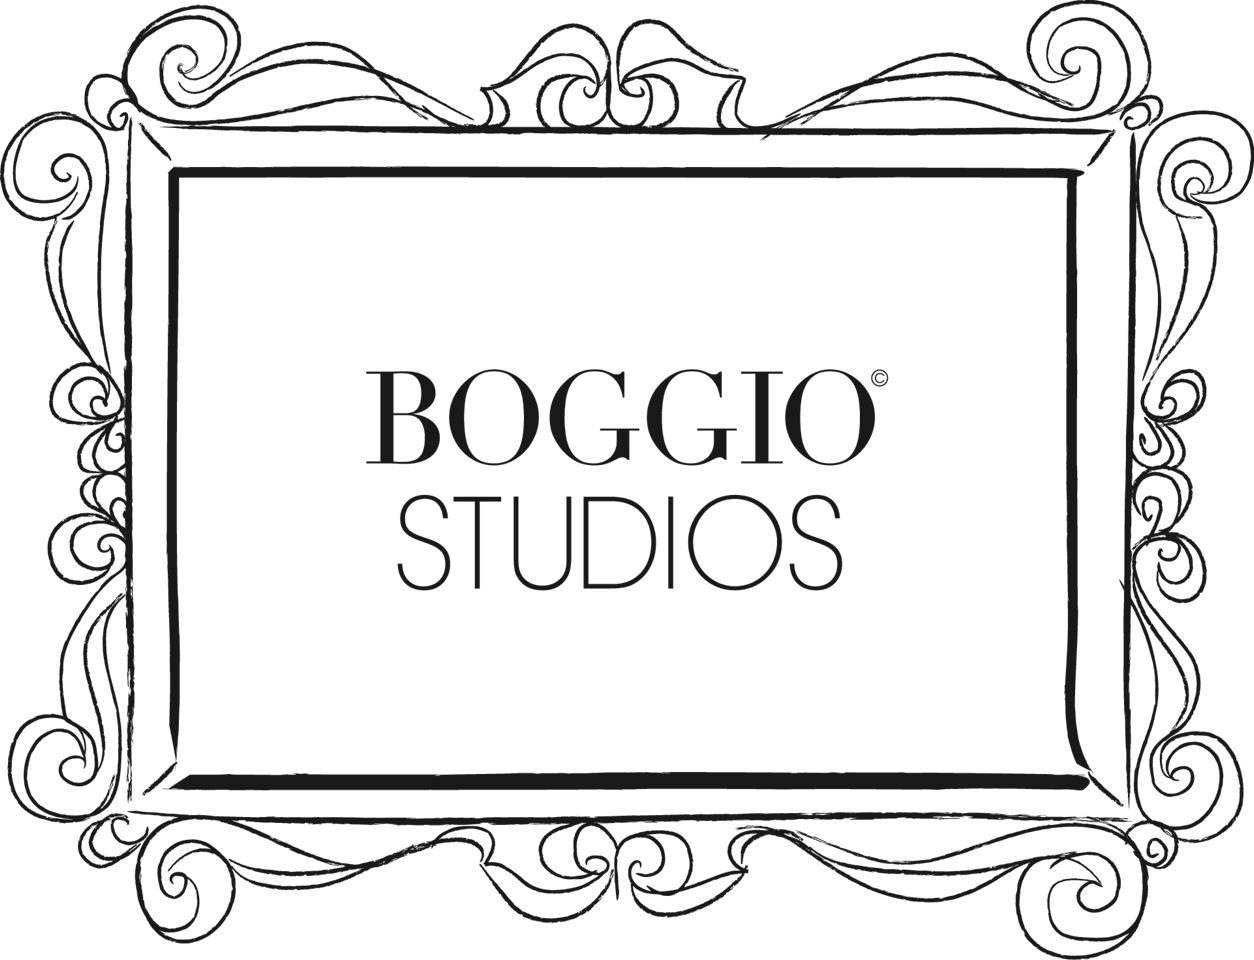 Boggio logo